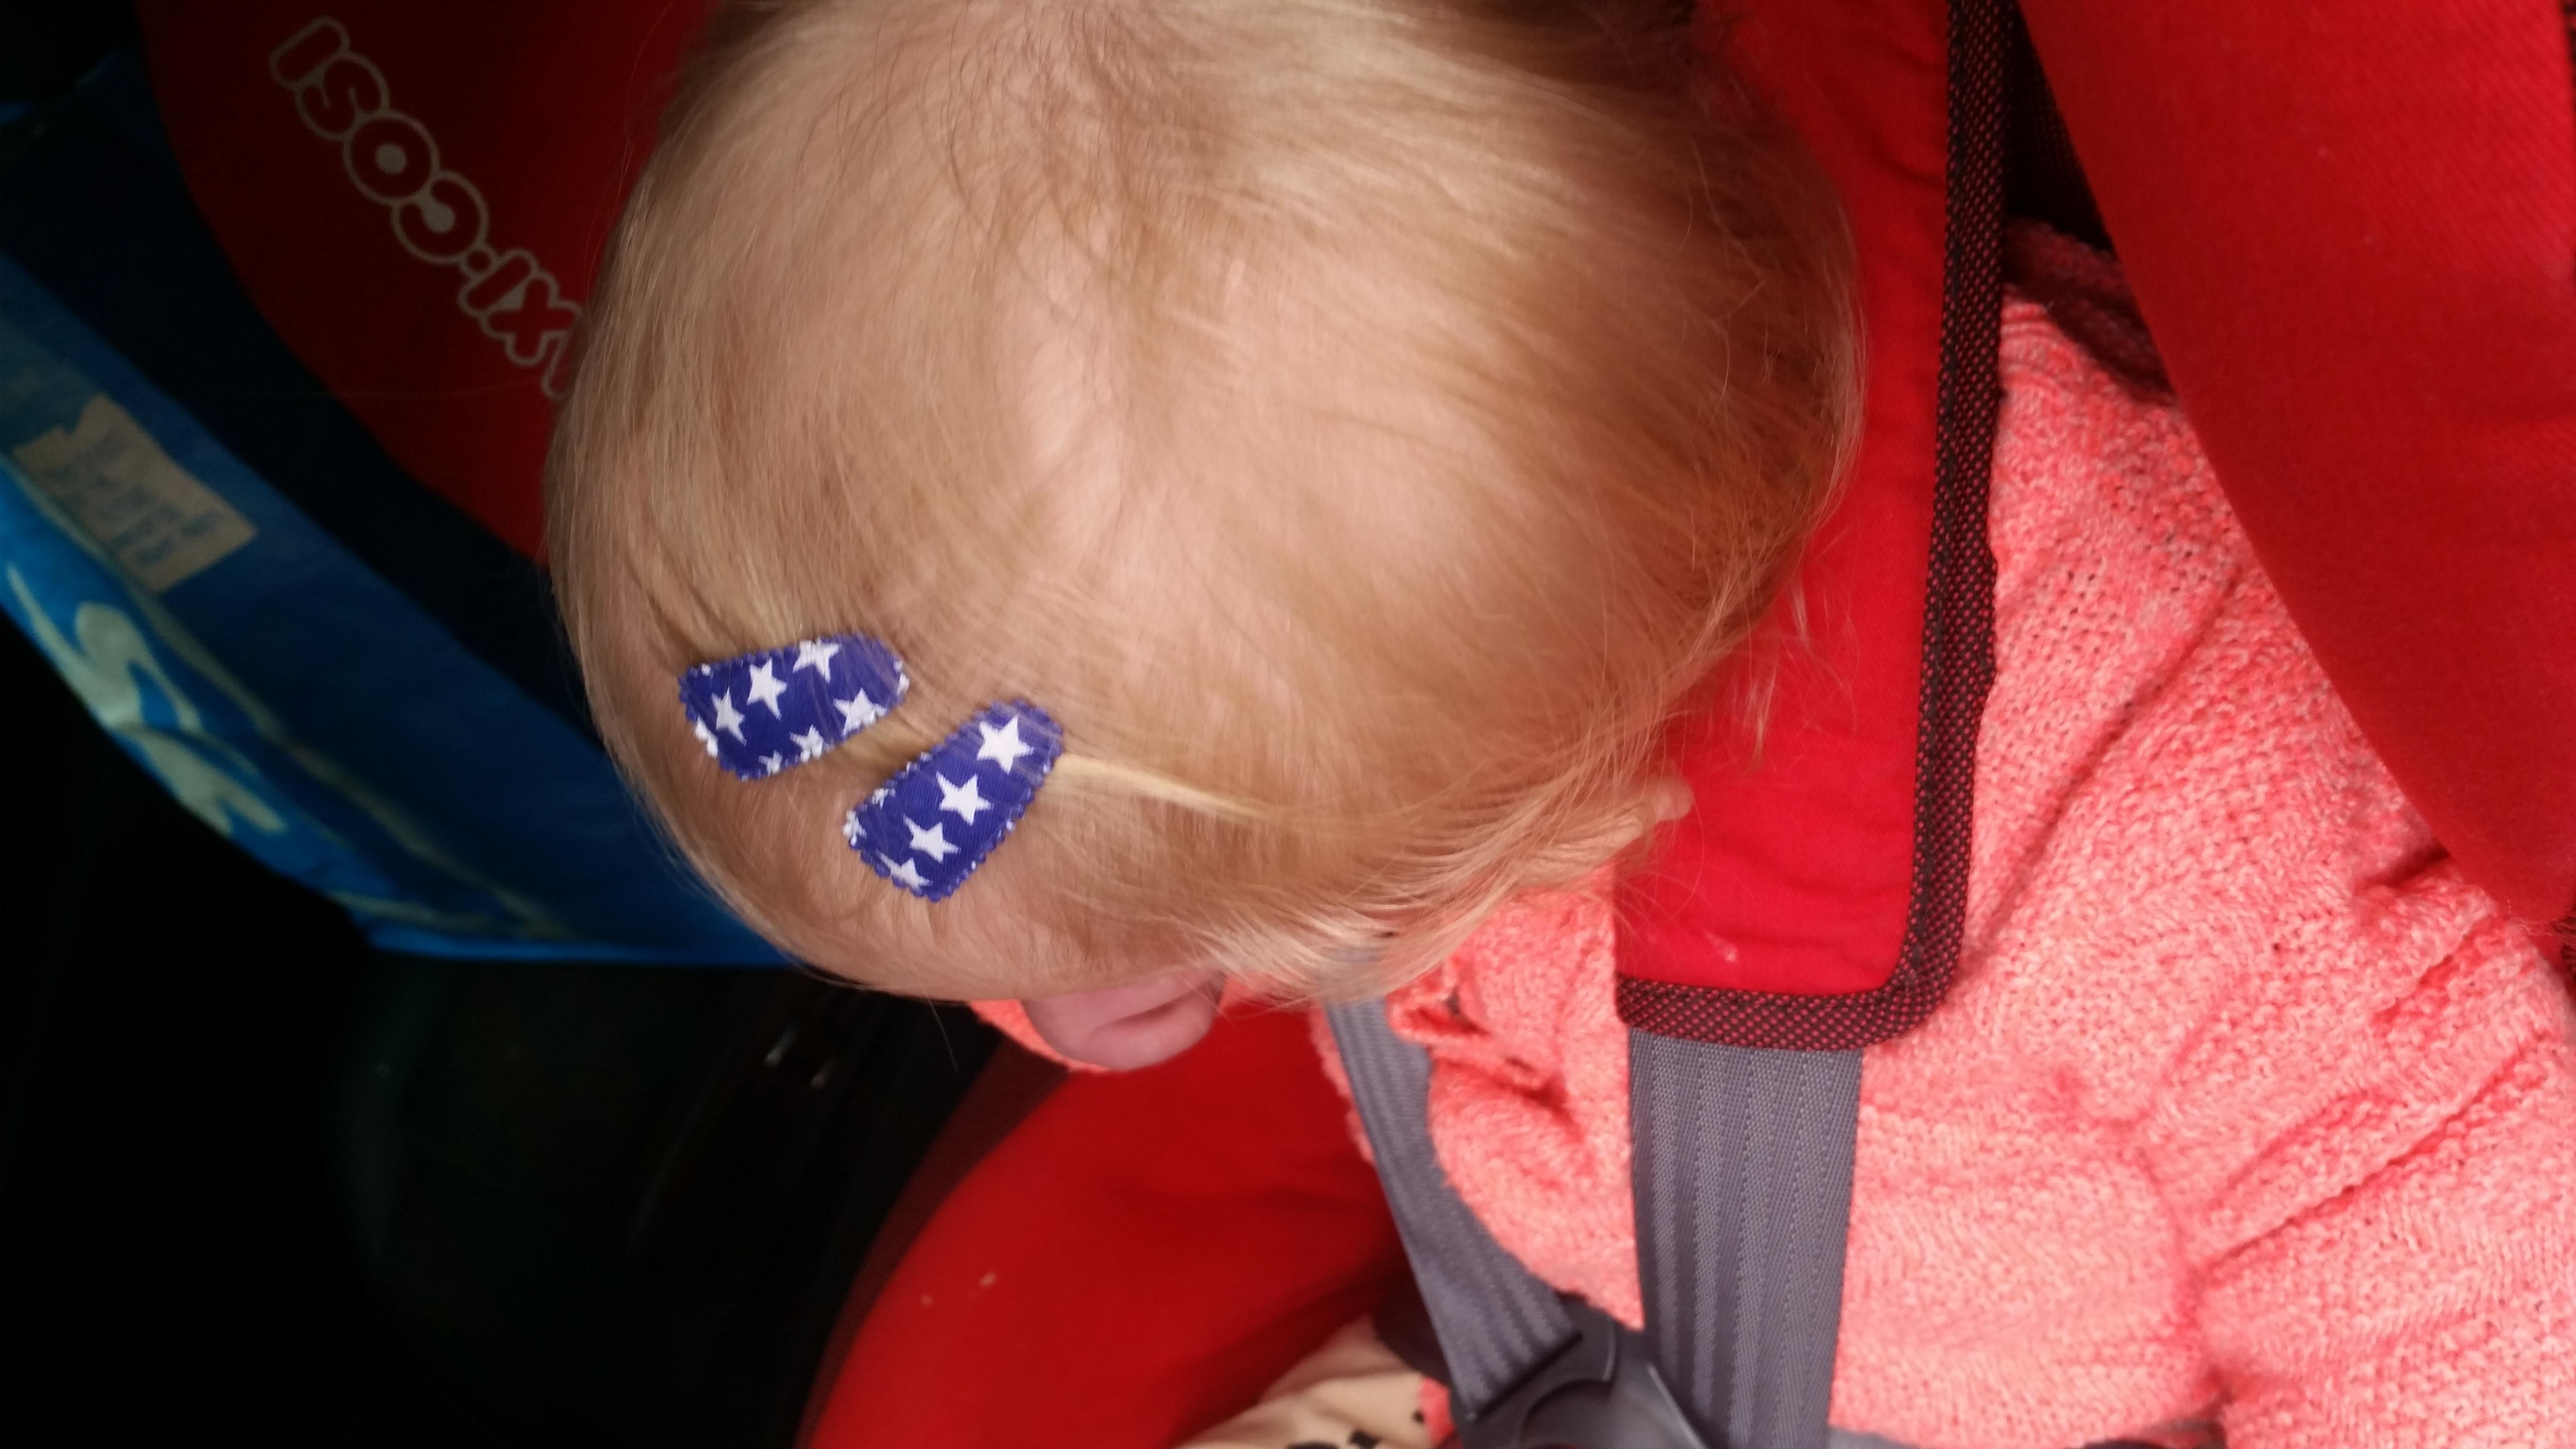 6-16-pakketje-haarspeldjes-hippe-girls-meiden-sieraden-oorbellen-peuter-meisje-strikjes-roze-mooi-verpakt-nanny-moeder-amsterdam-klein